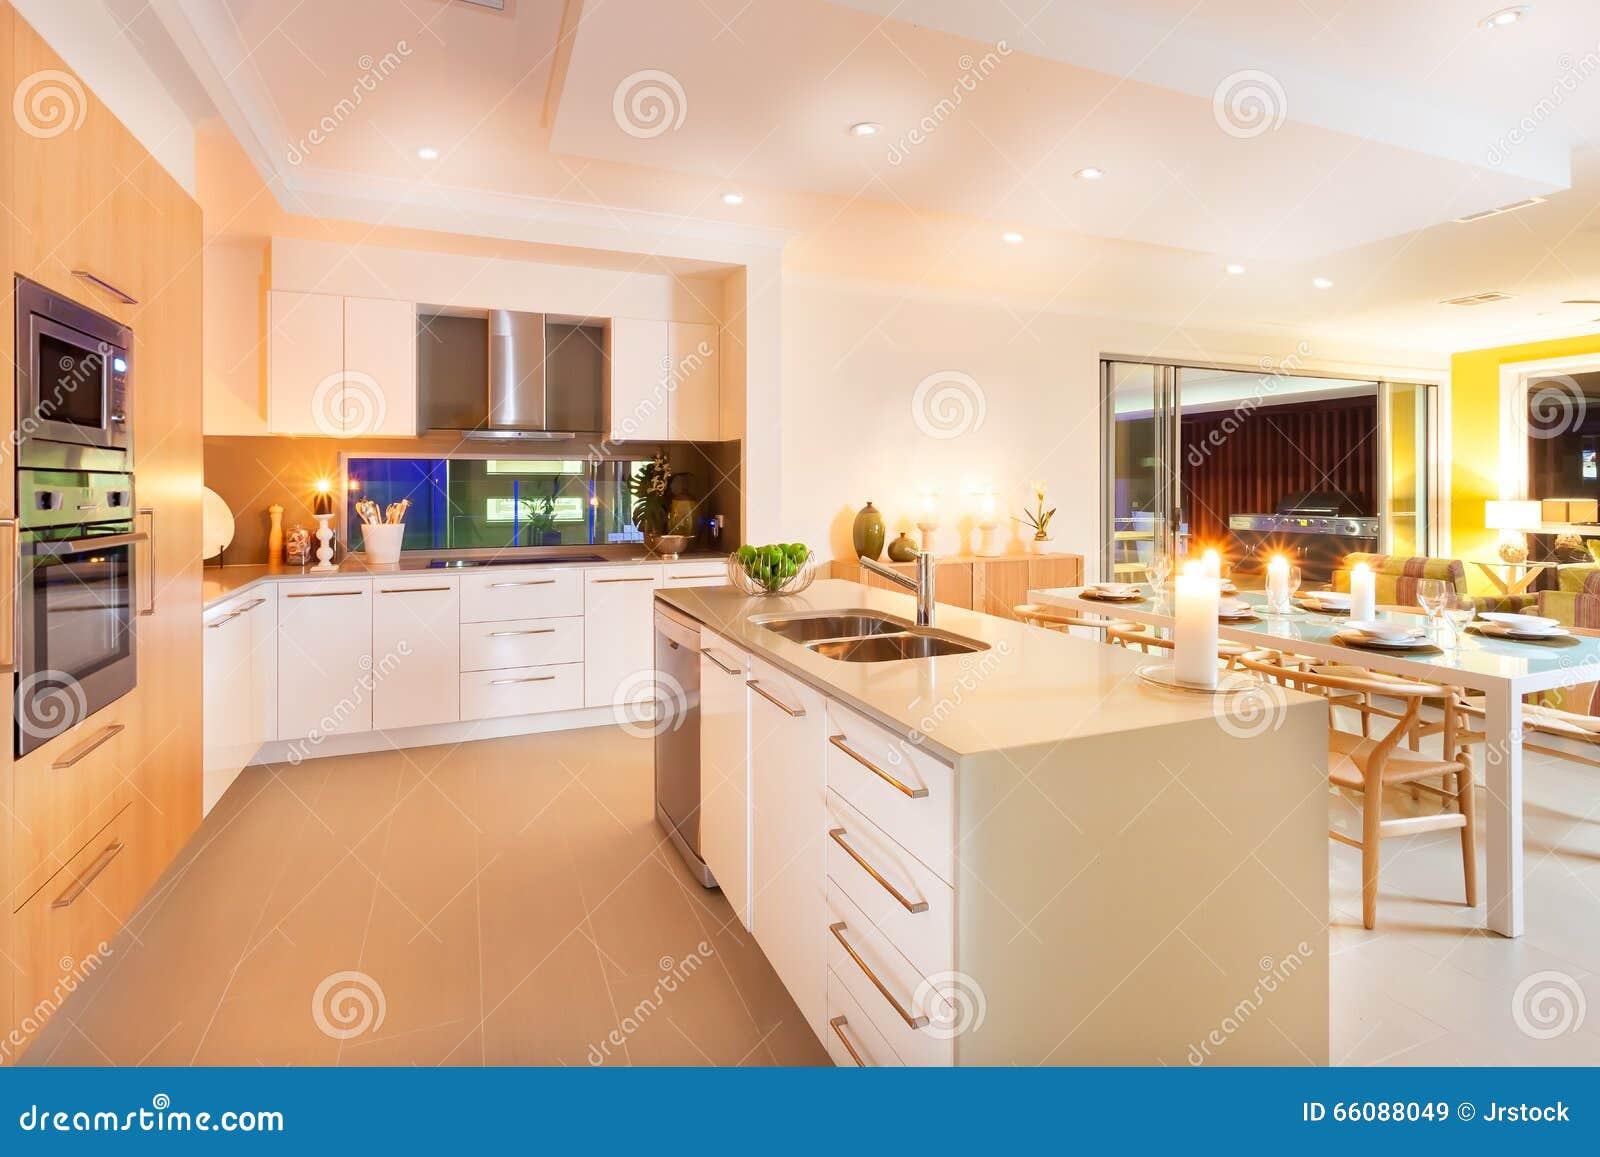 Cocina Y Comedor Iluminados Por Las Luces De Techo Y Flashi Imagen ...